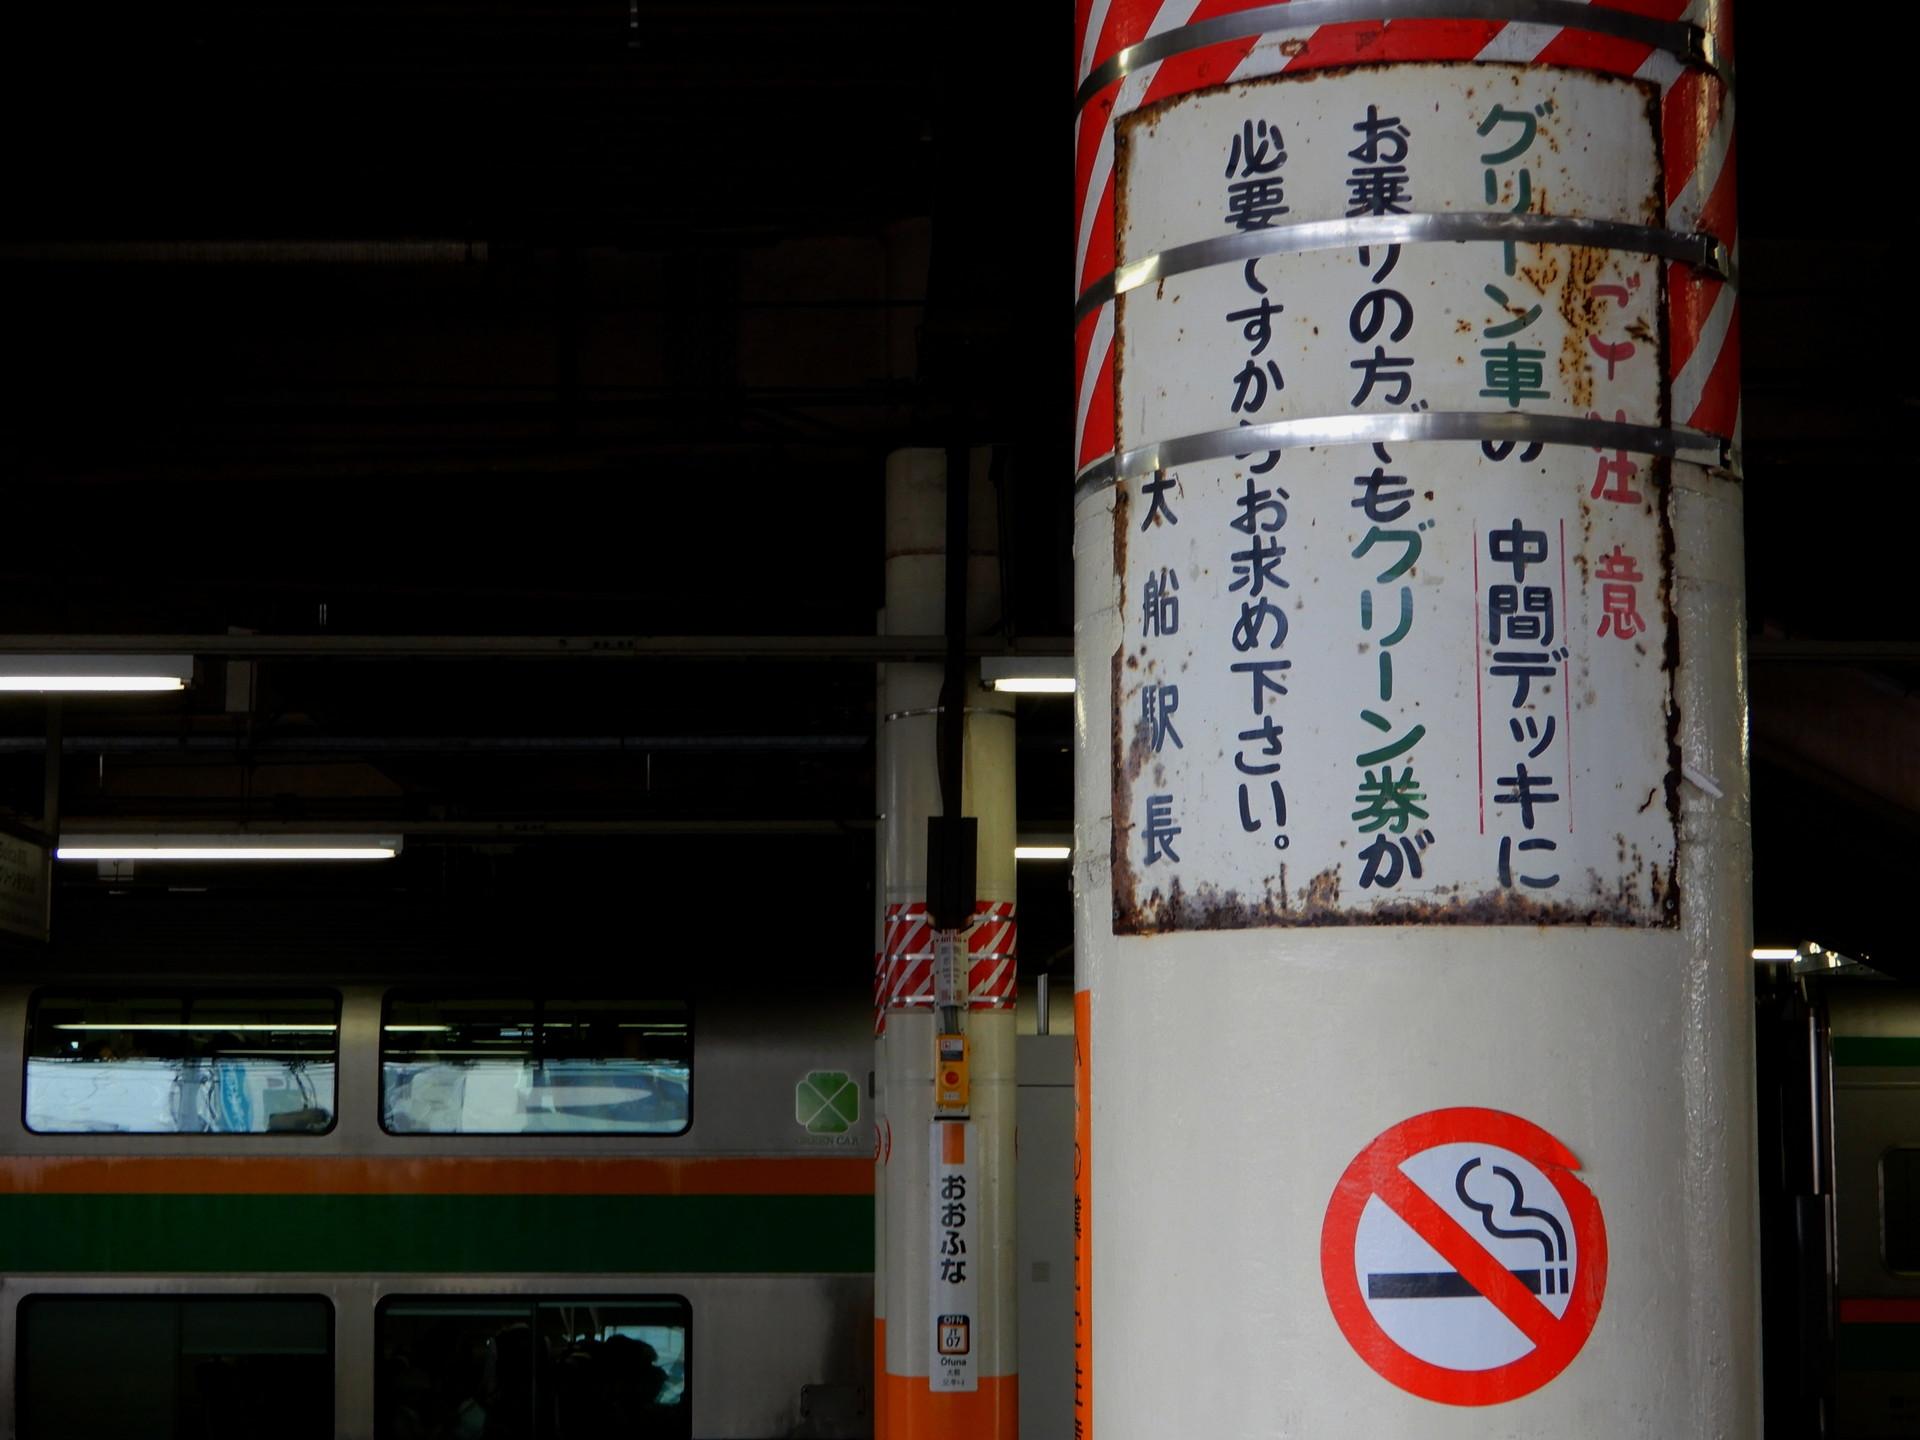 大船駅のグリーン車表記